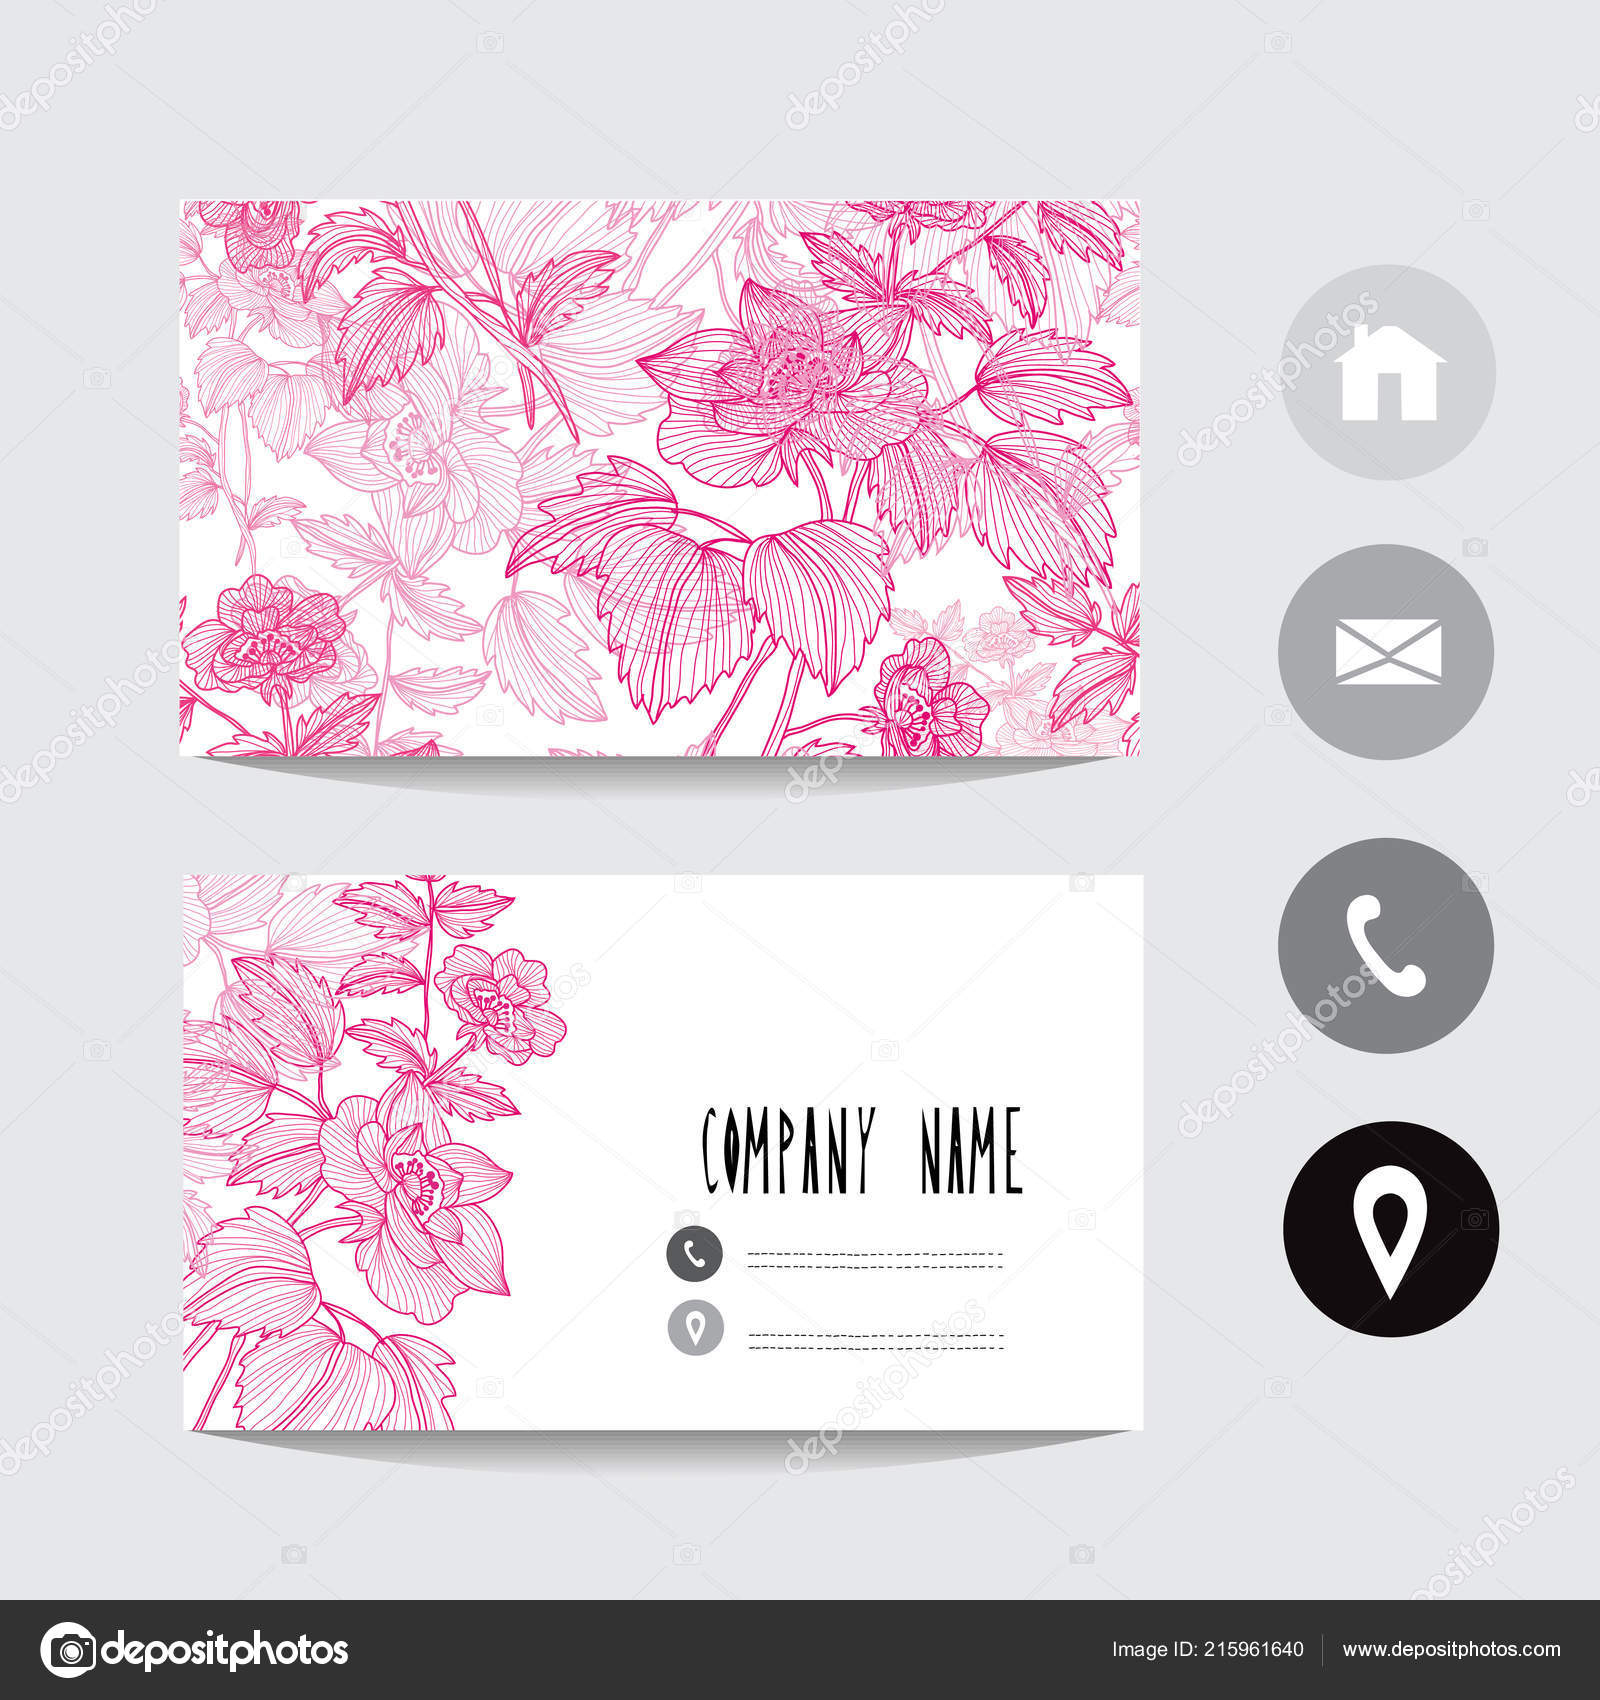 Visitenkarte Vorlage Mit Hund Rose Blumen Design Element